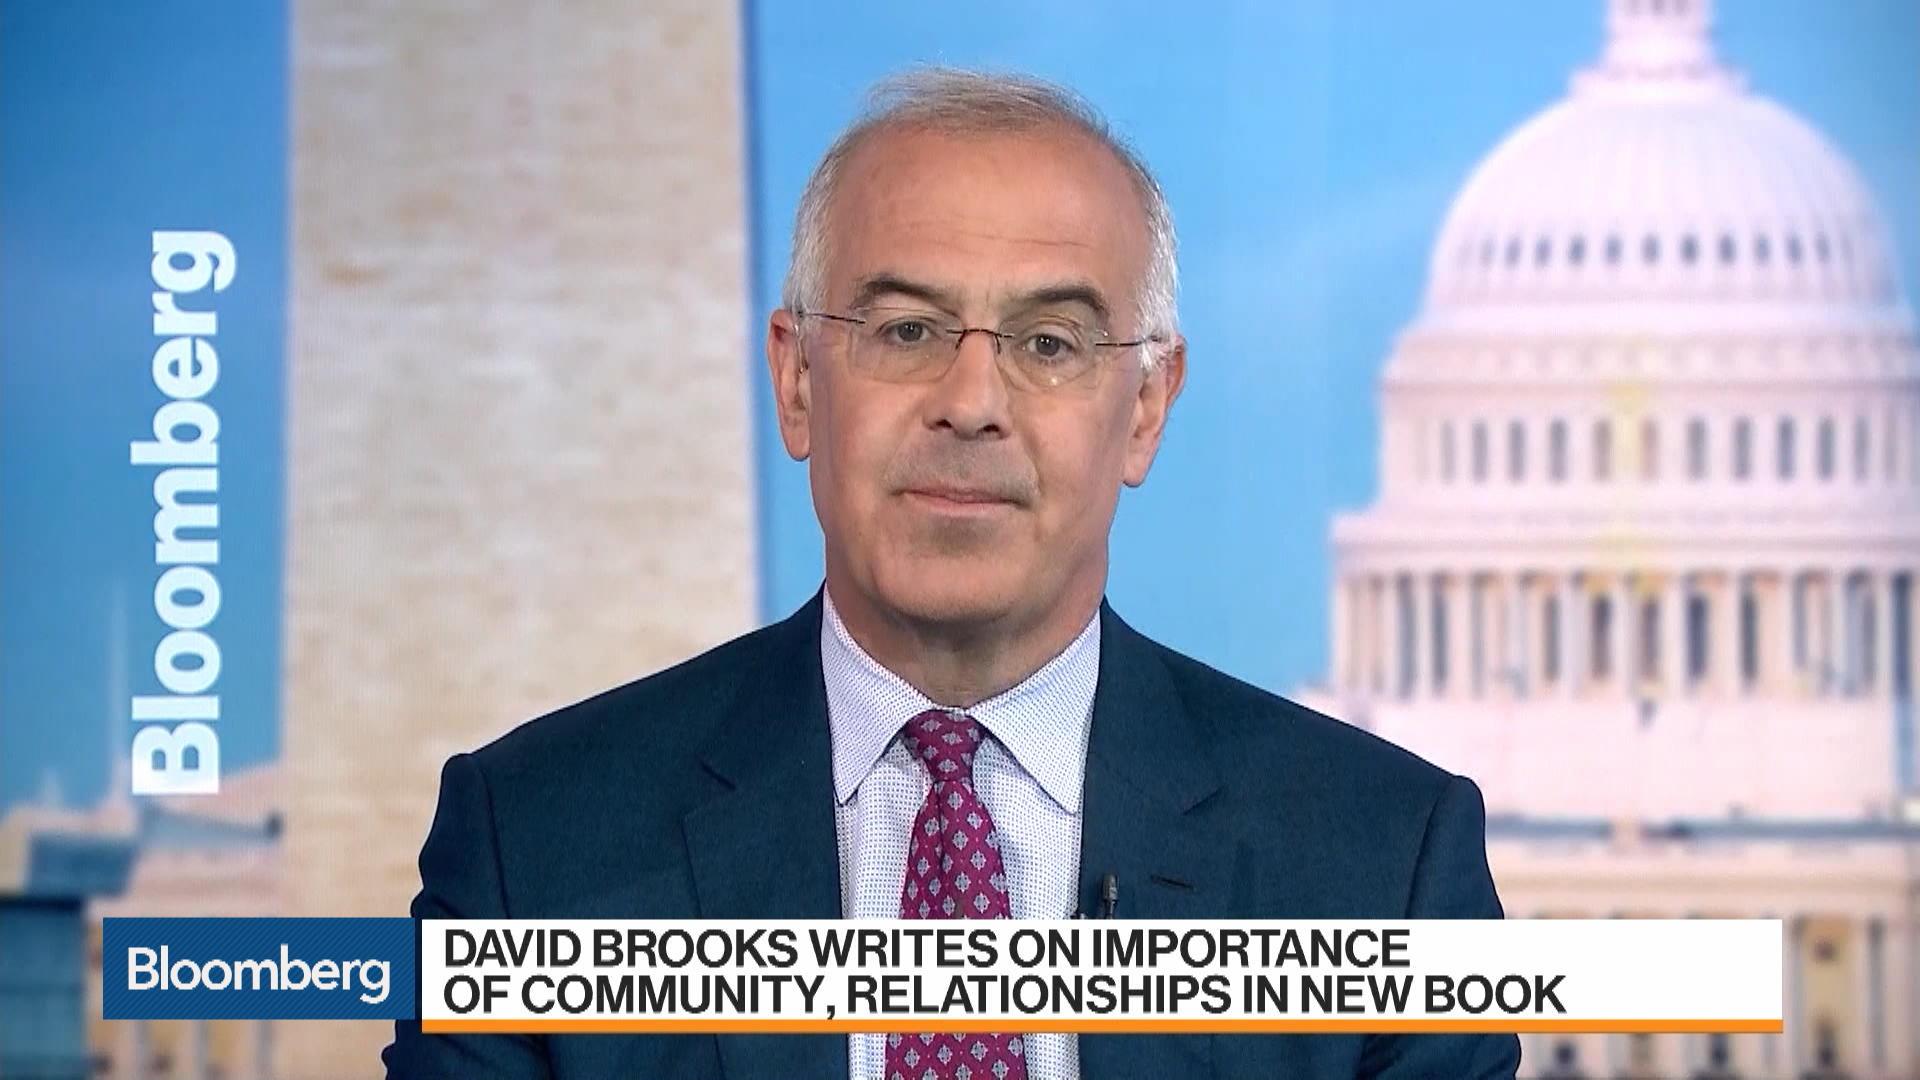 Democrats Shouldn't Impeach Trump, Author David Brooks Says